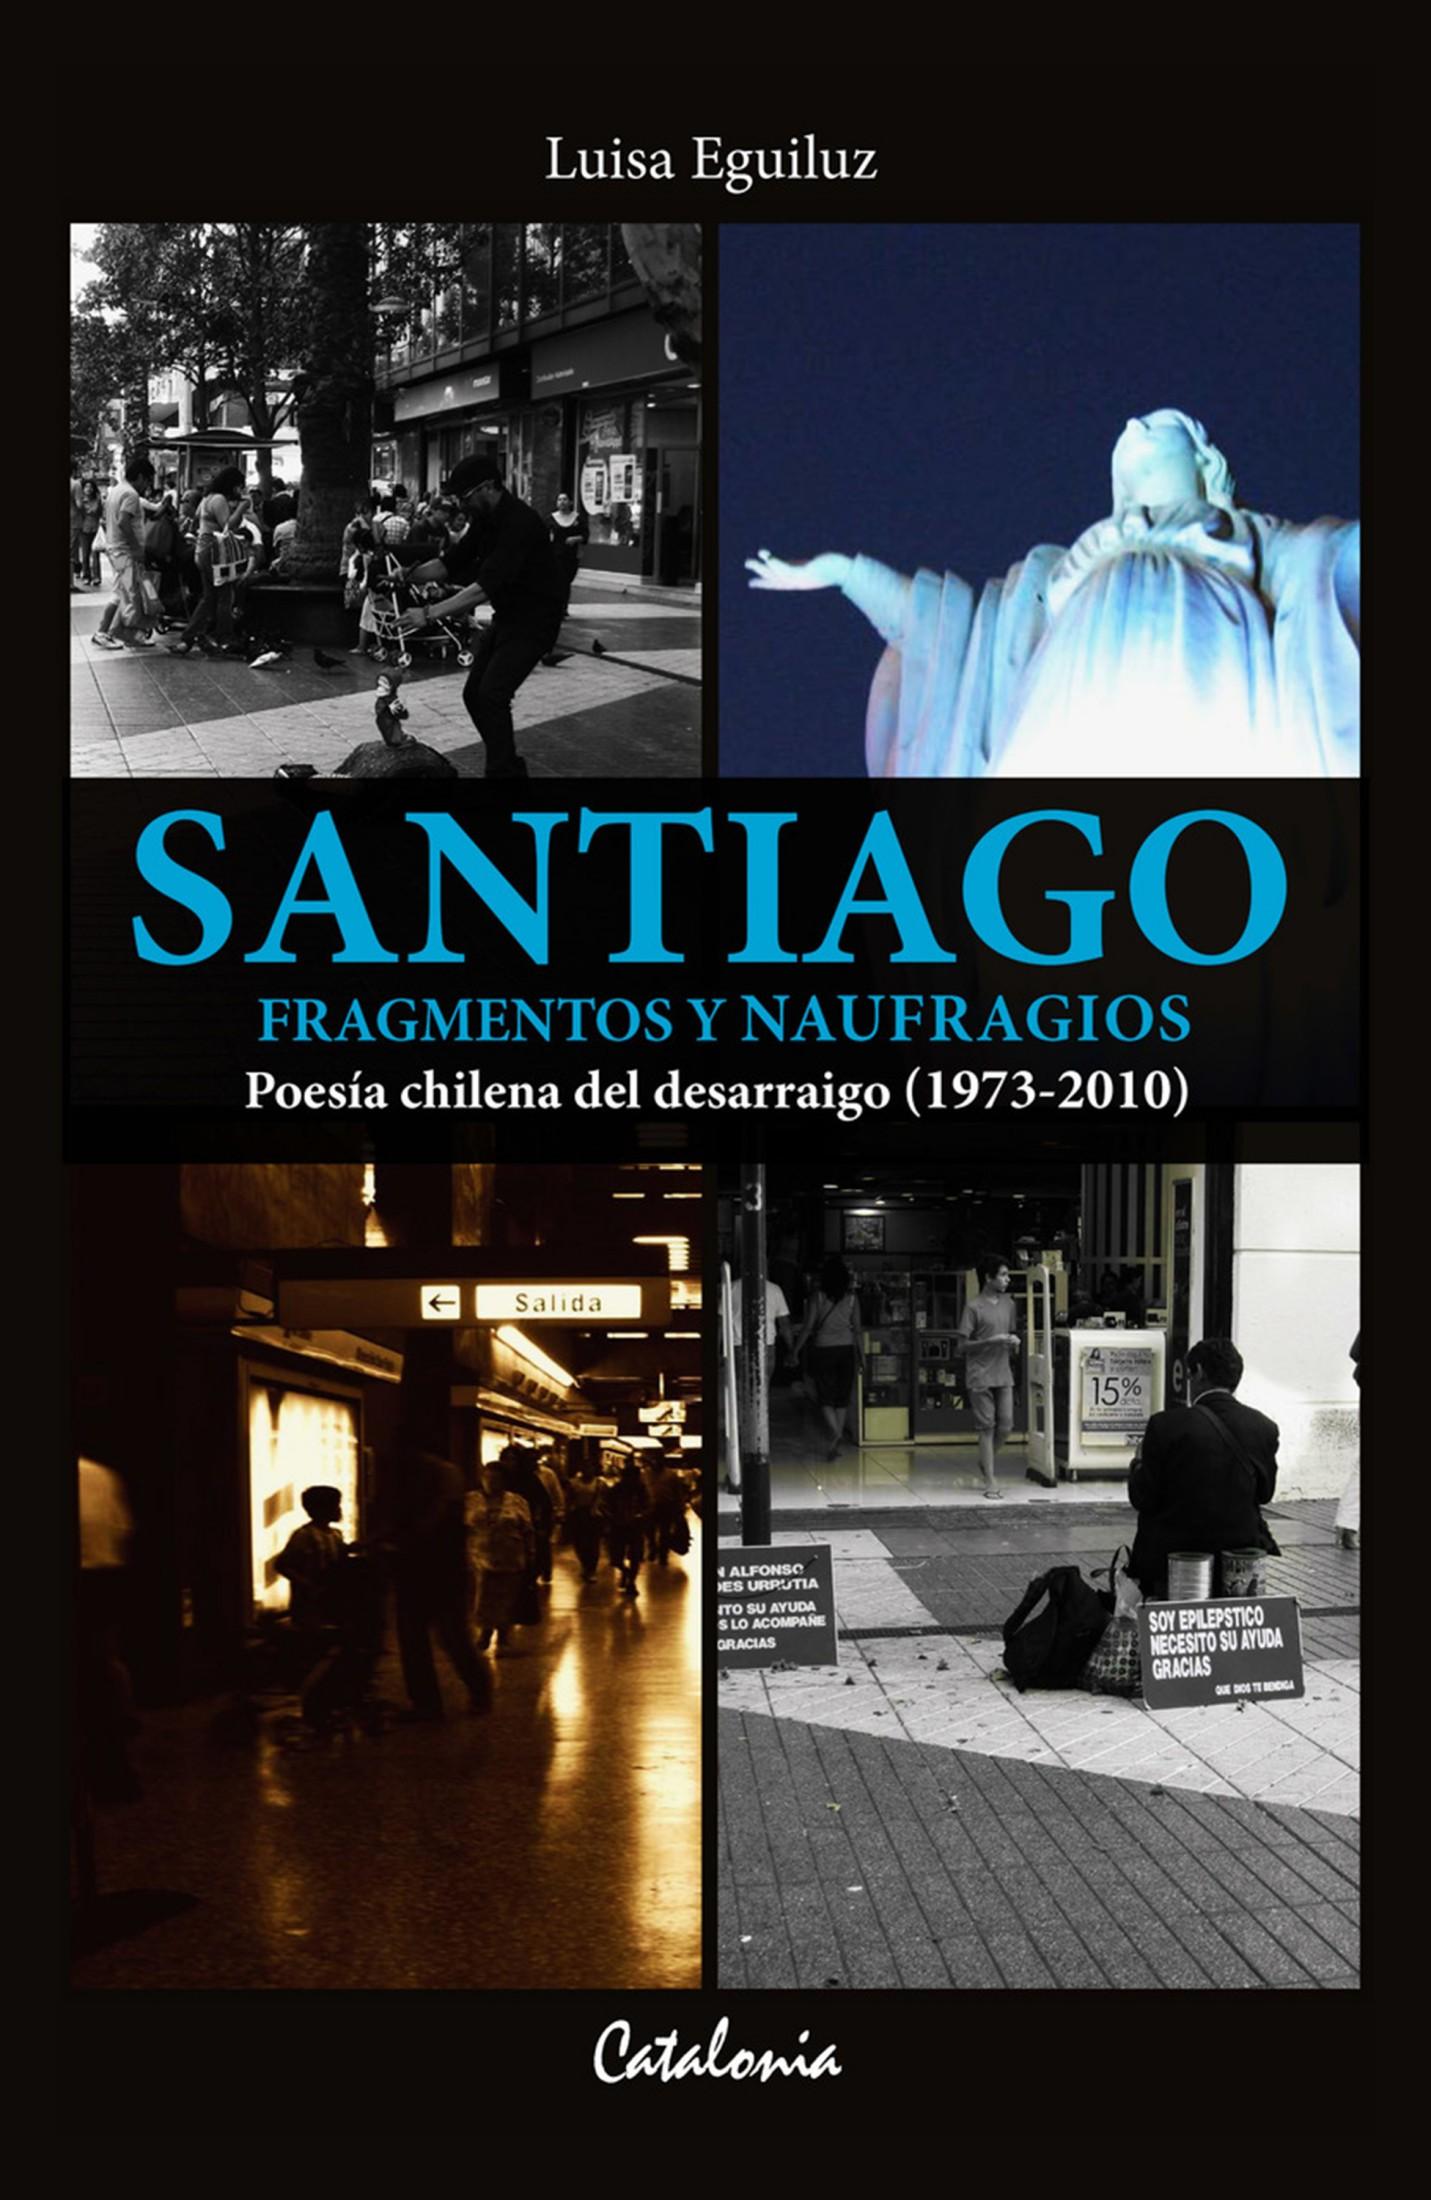 Santiago. Fragmentos y naufragios. Poesía chilena del desarraigo (1973-2010)